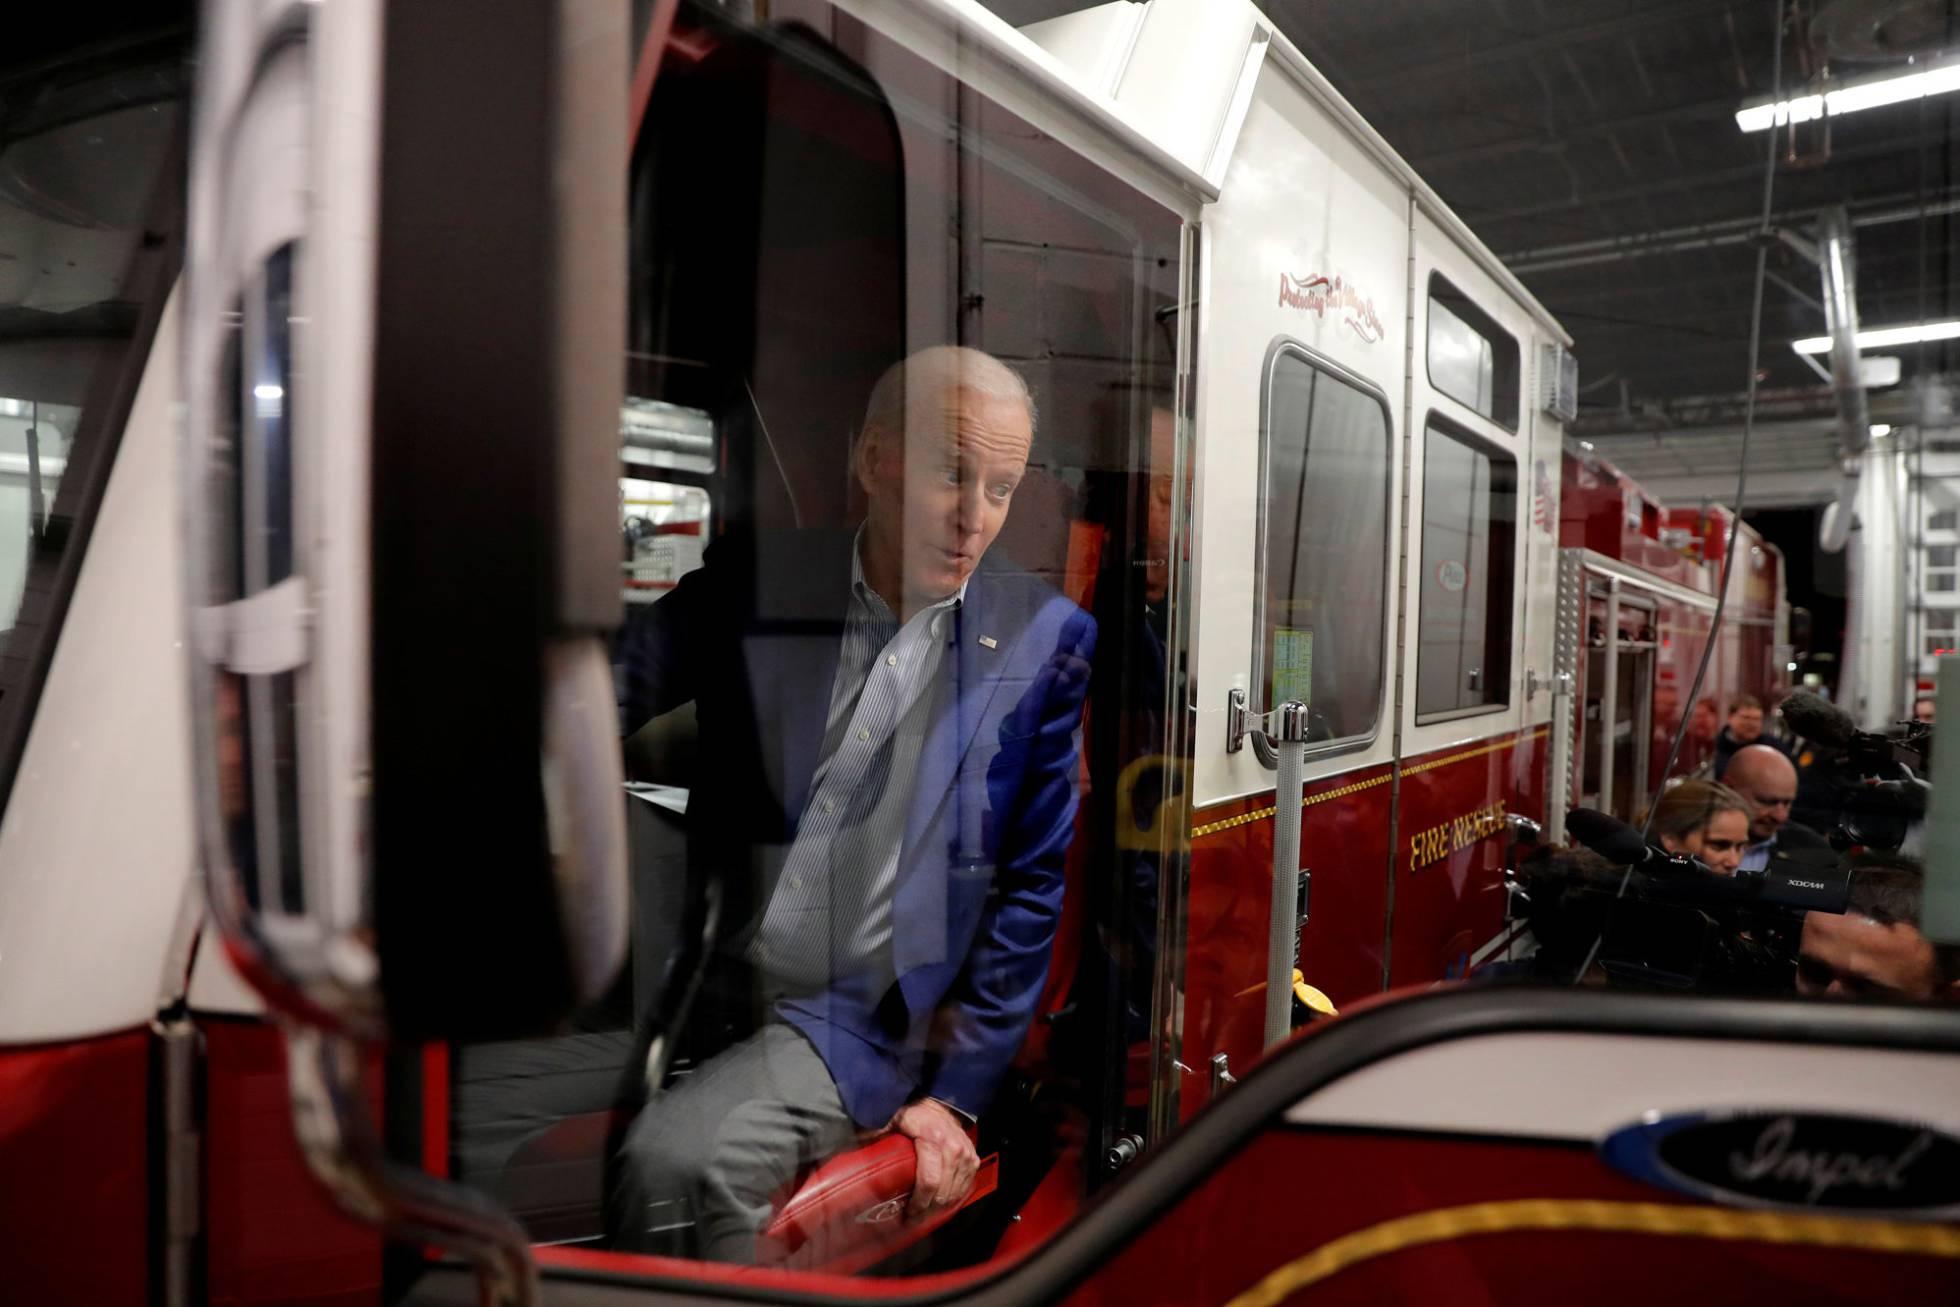 Joe Biden cancela de forma abrupta su noche en New Hampshire para centrarse en Carolina del Sur